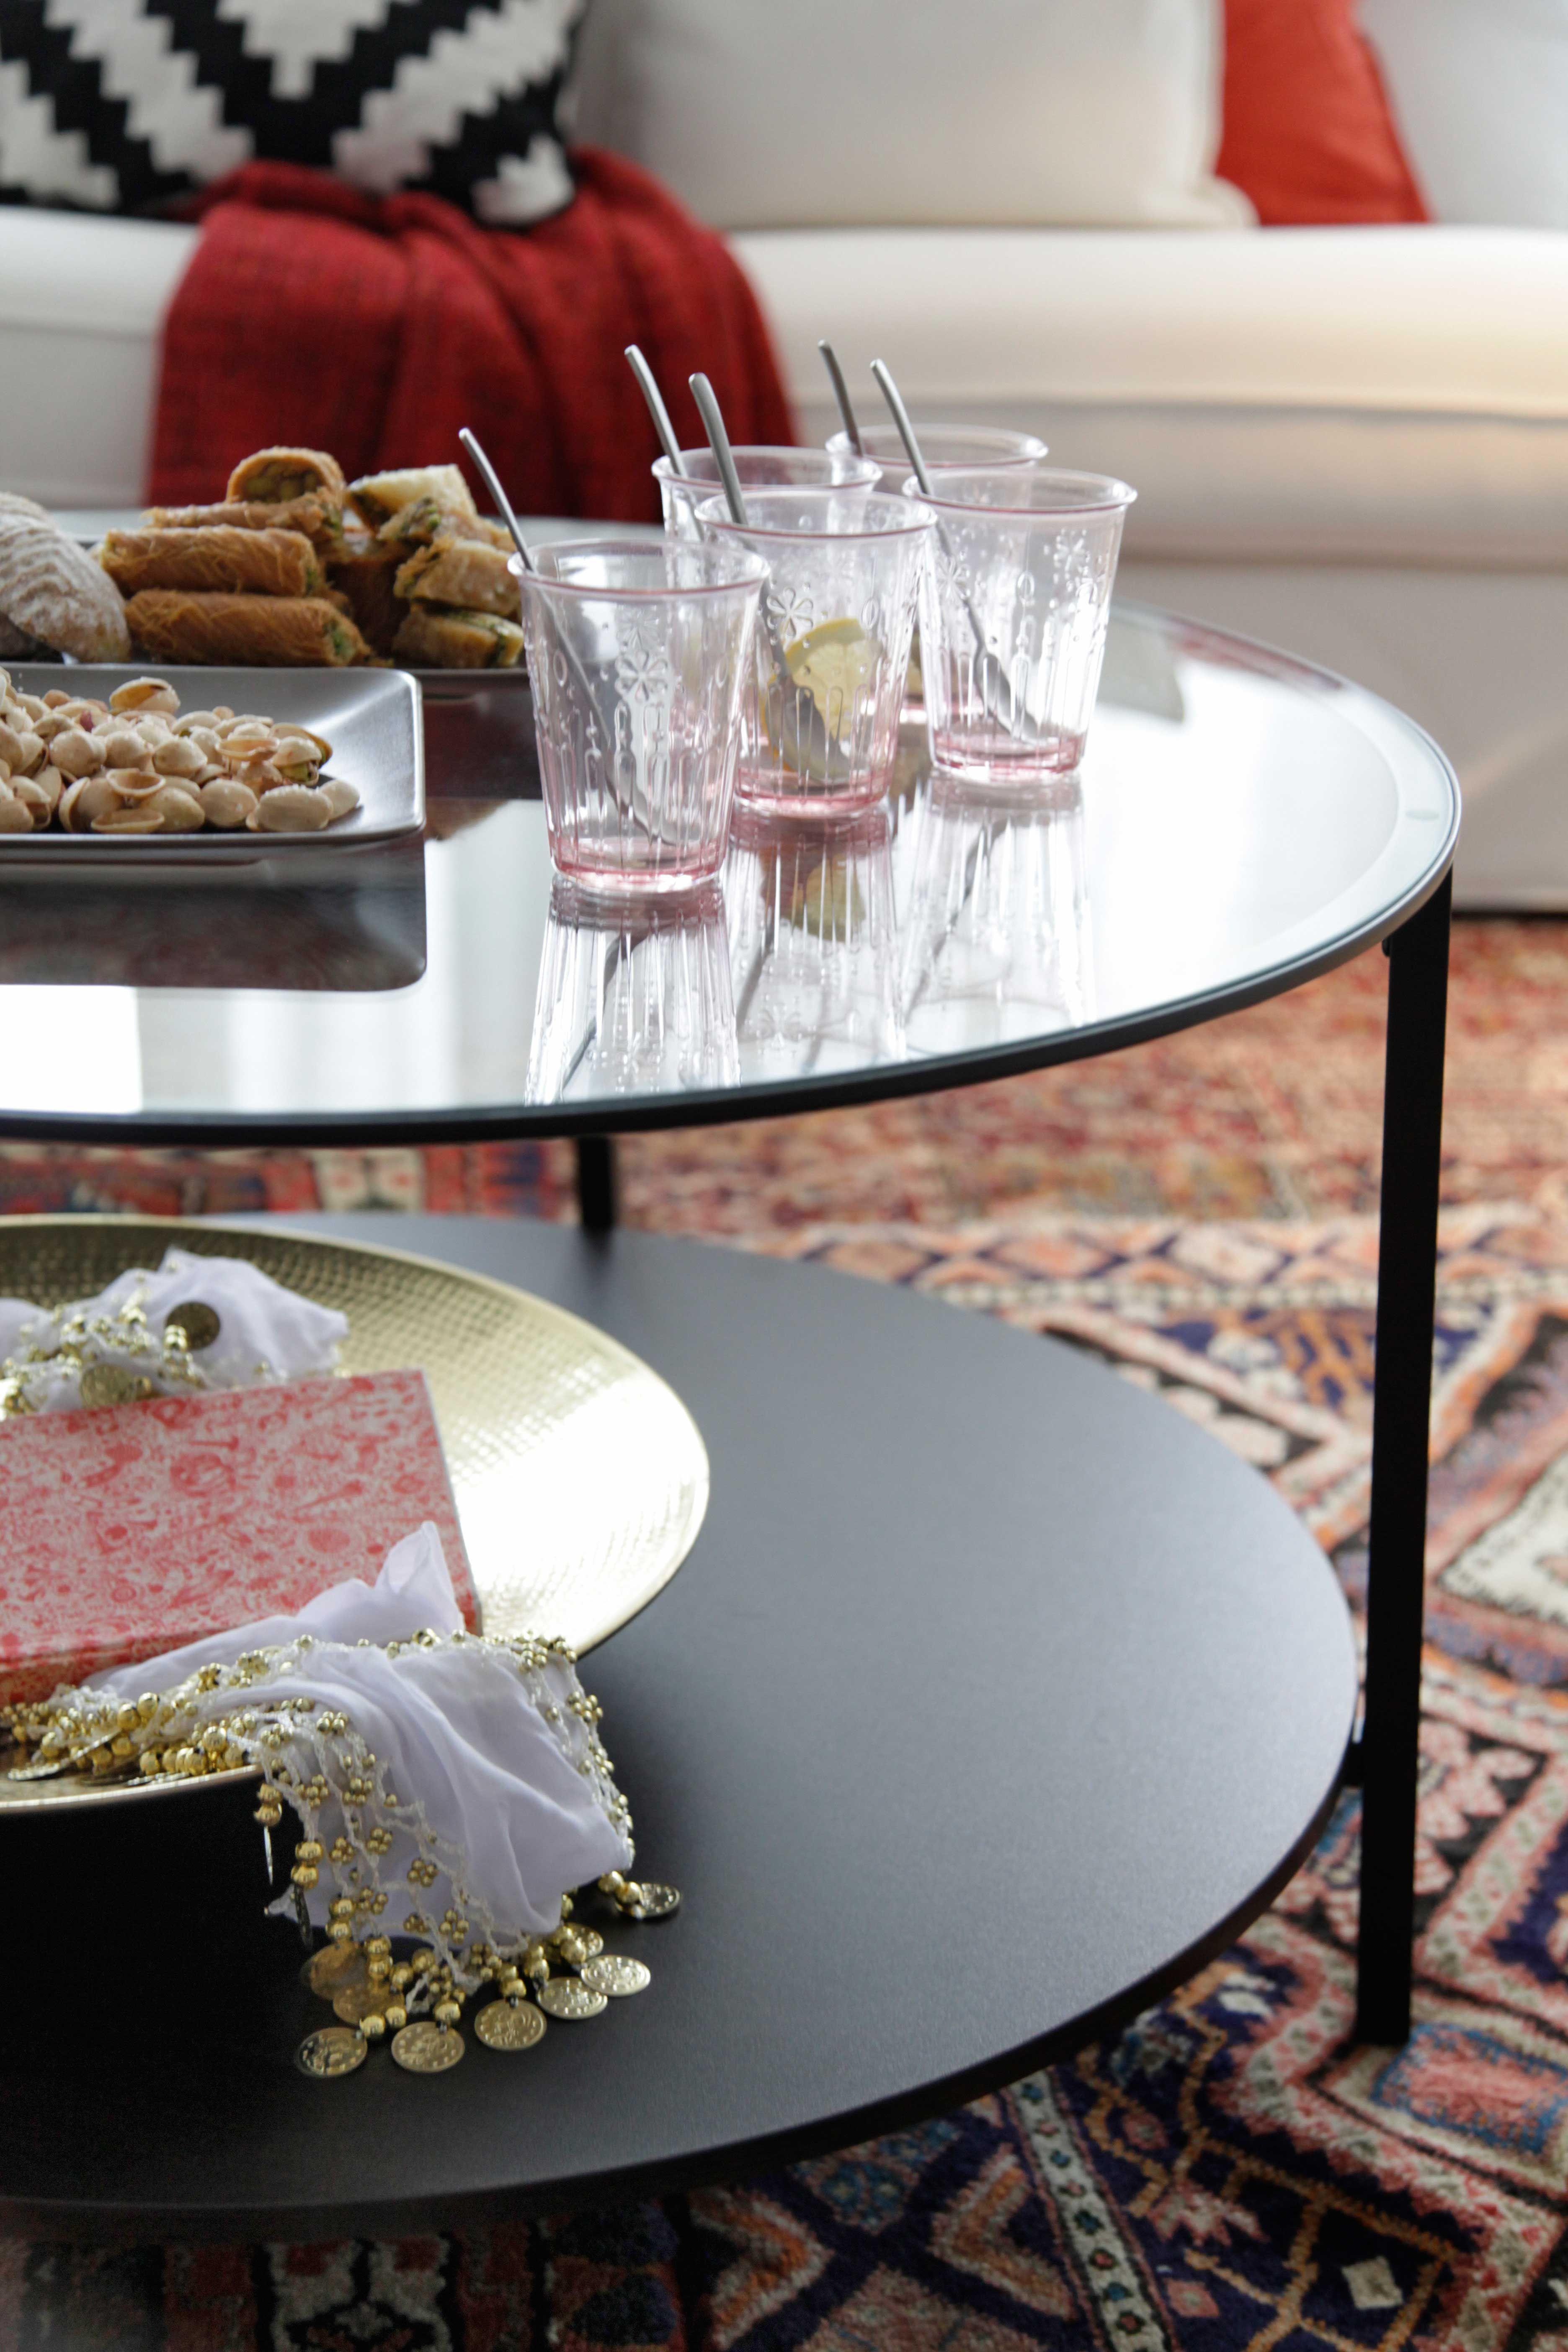 ikea sterreich inspiration wohnzimmer sitzecke couchtisch vittsj - Wohnzimmer Ikea Inspiration